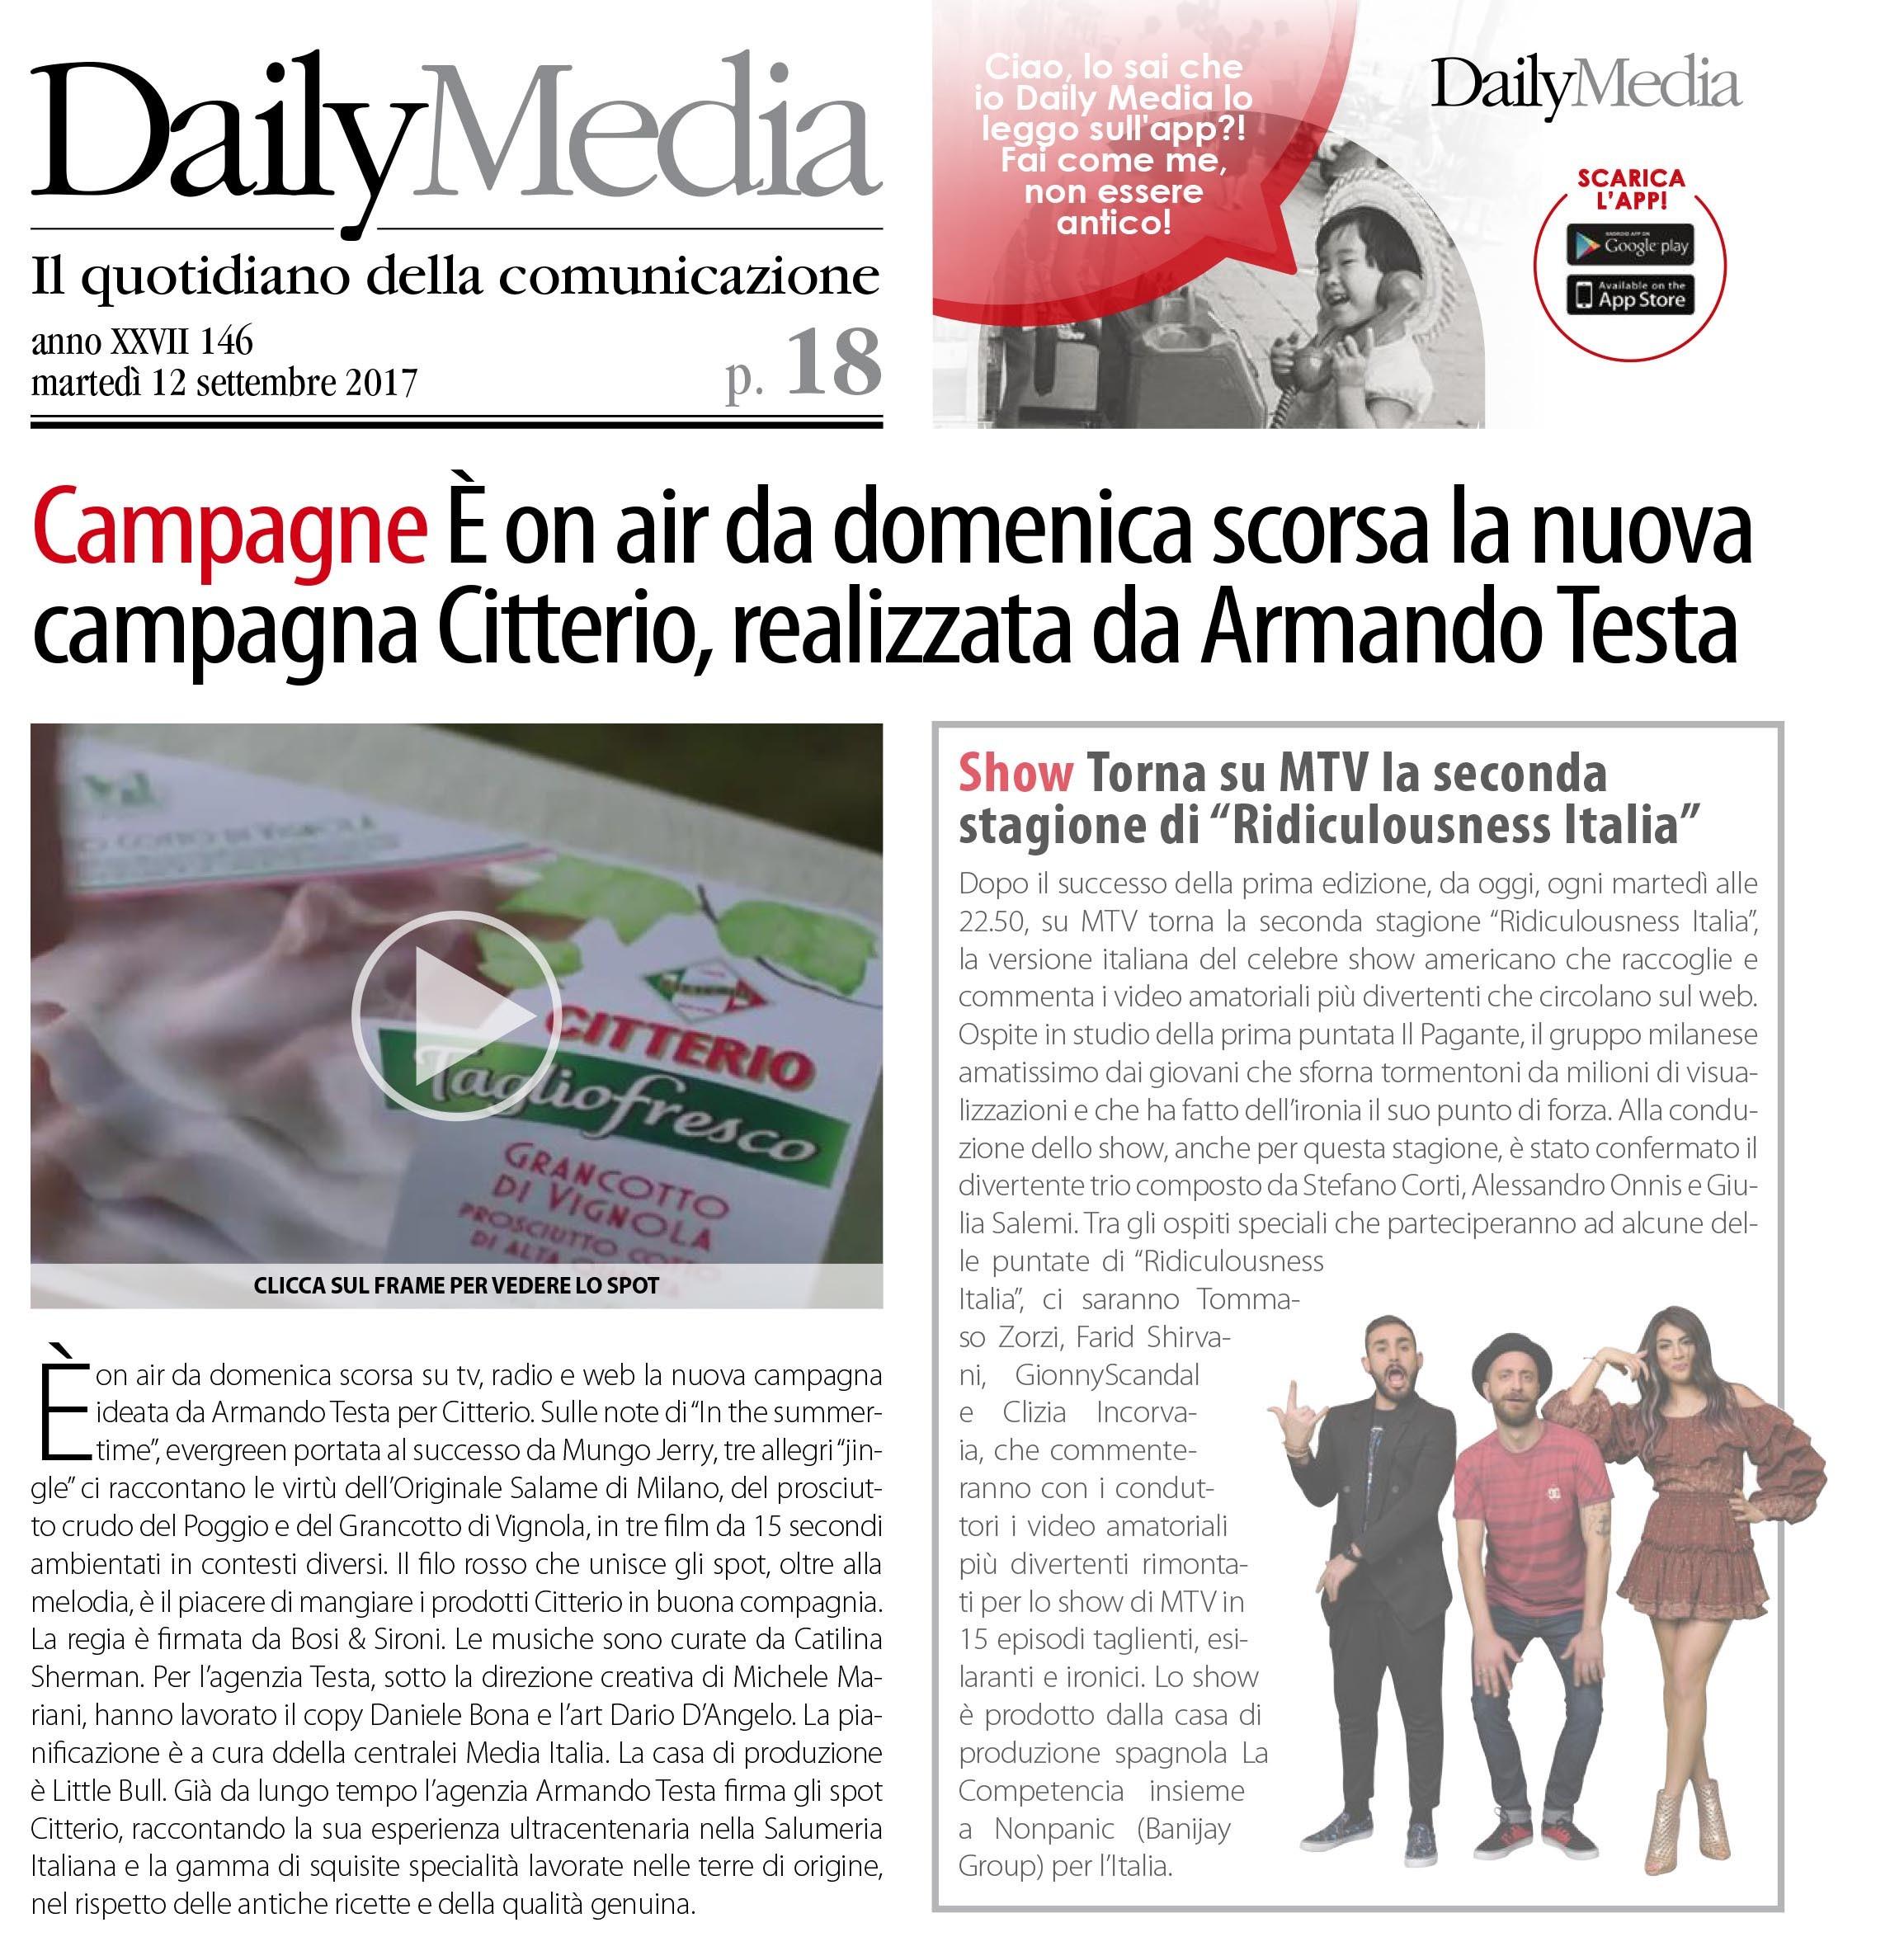 12017-09-12-daily-media.jpg